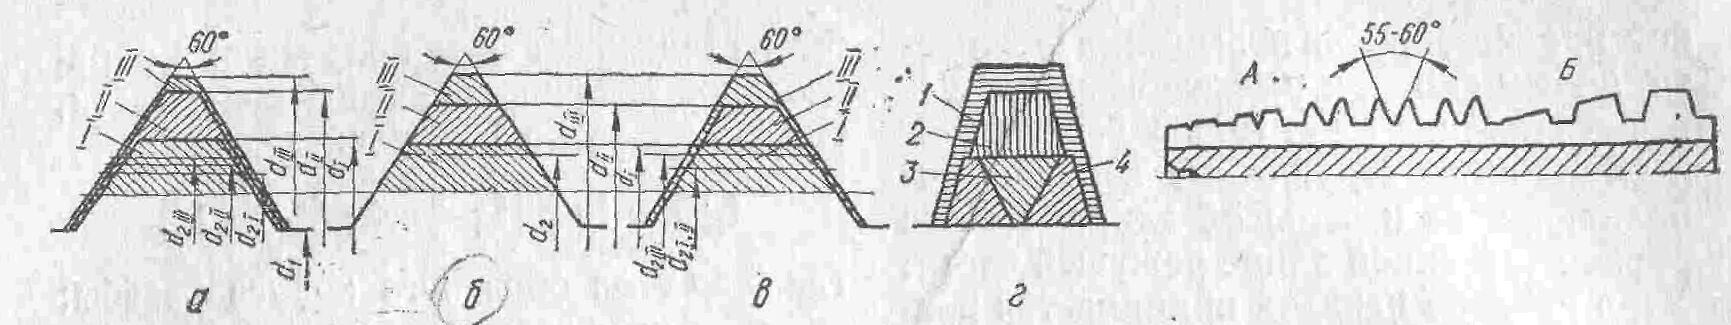 Рис. 169. Схемы распределения нагрузки на метчики в комплекте